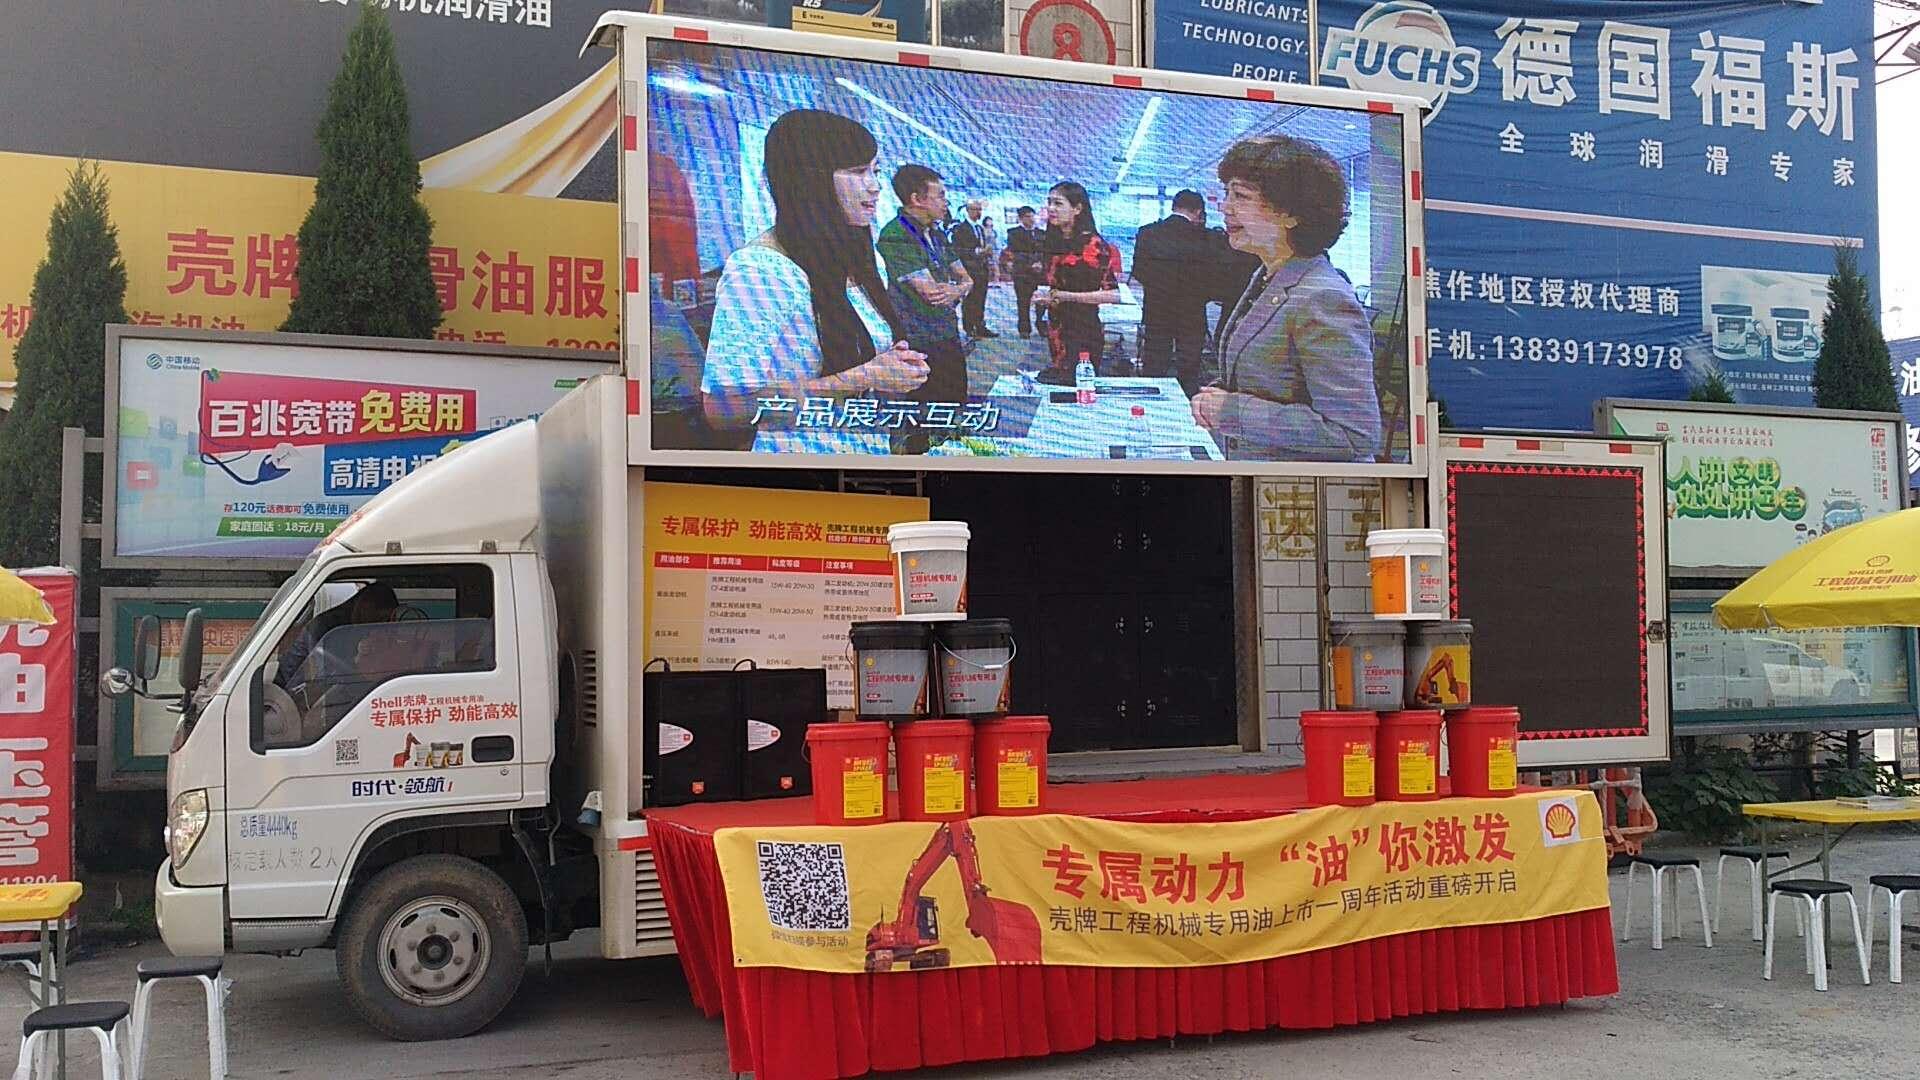 荷兰(中国)壳牌润滑油 全国巡演_简迈传媒